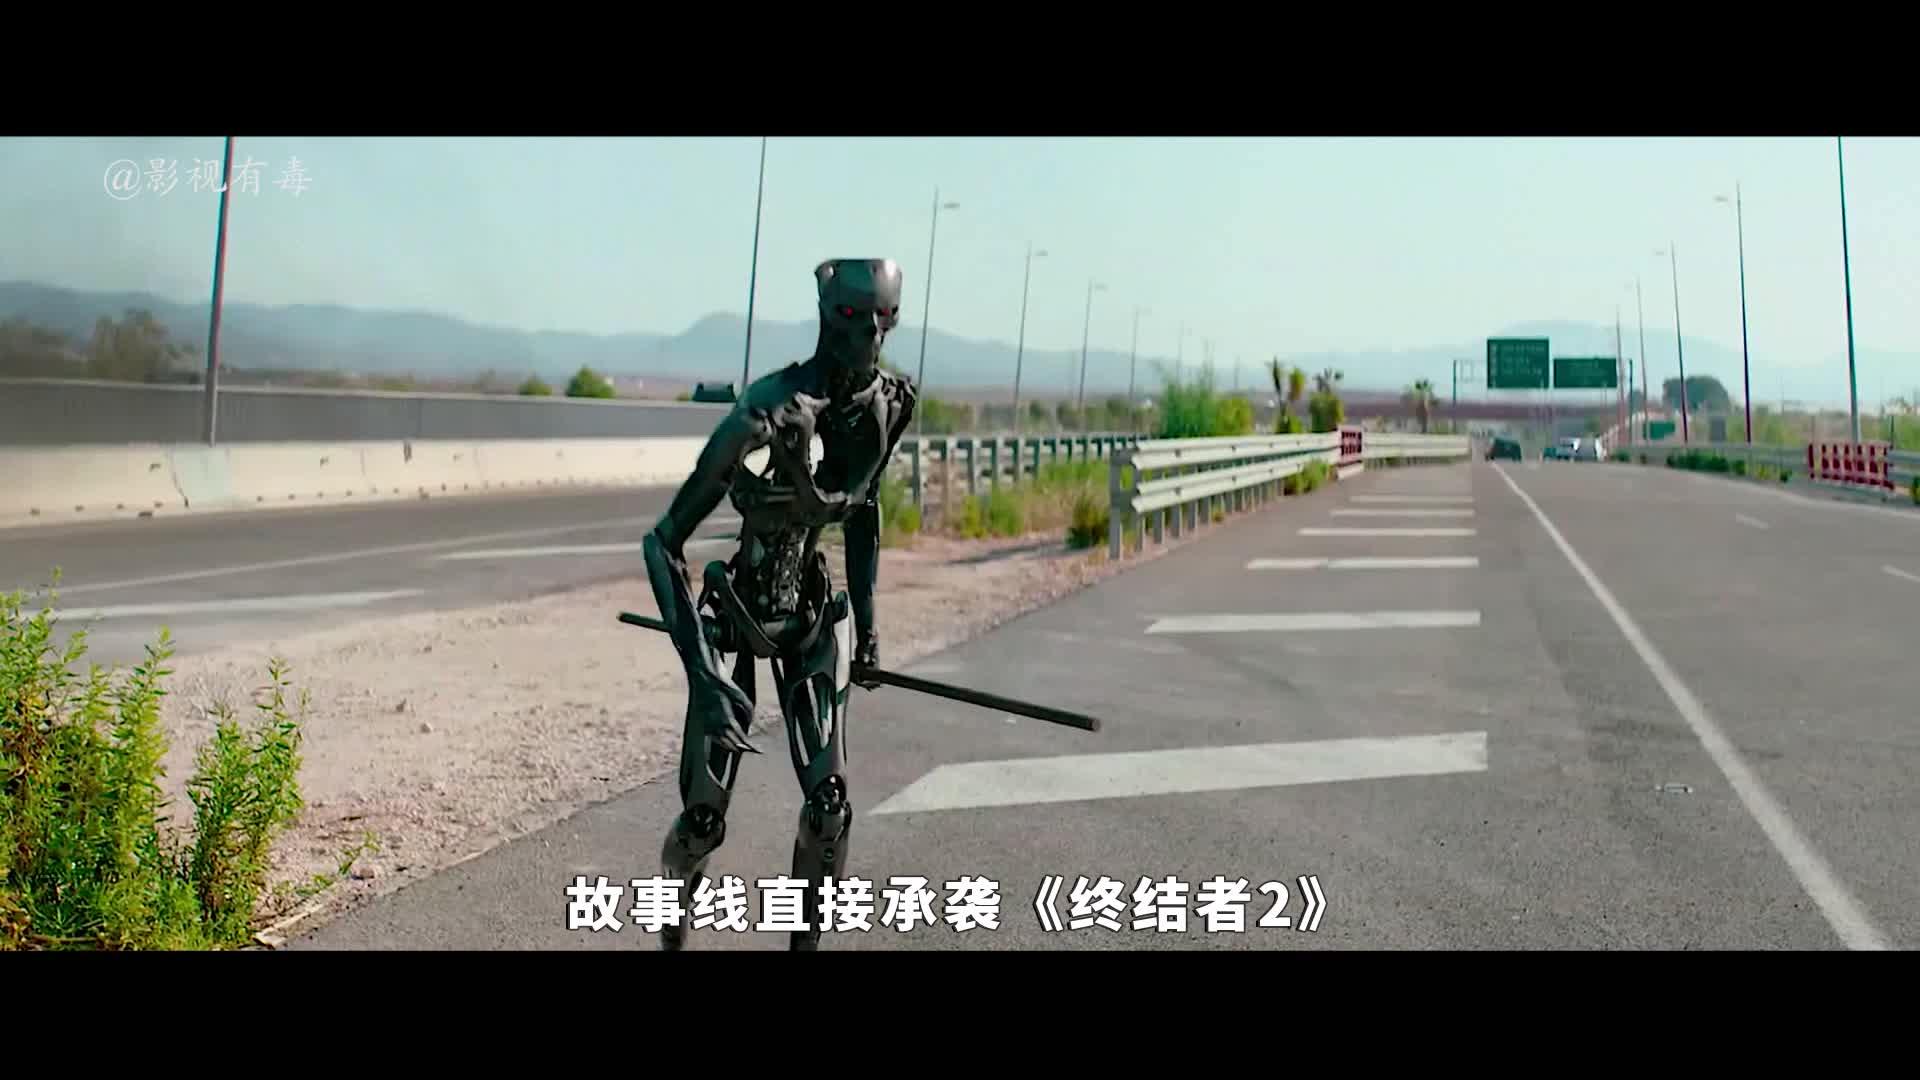 #追剧不能停#《终结者:黑暗命运》施瓦辛格卸任T-800,银幕英雄迎来谢幕